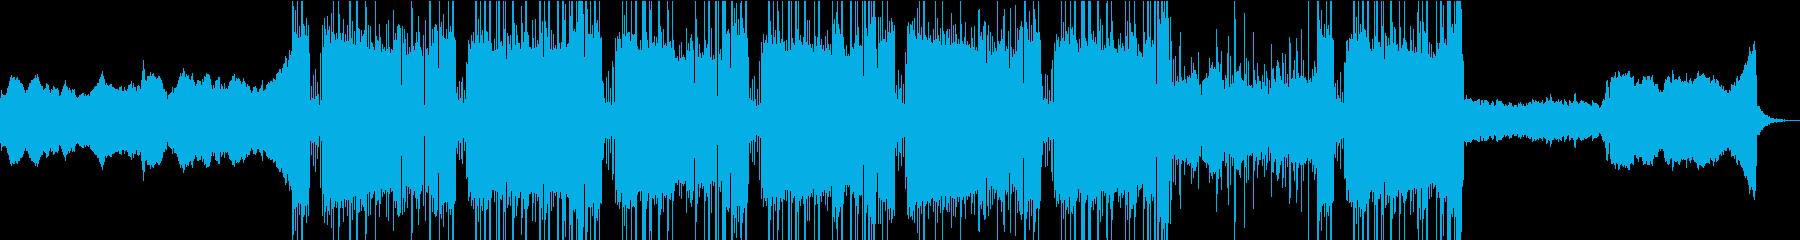 重低音、トラップ、ビートの再生済みの波形